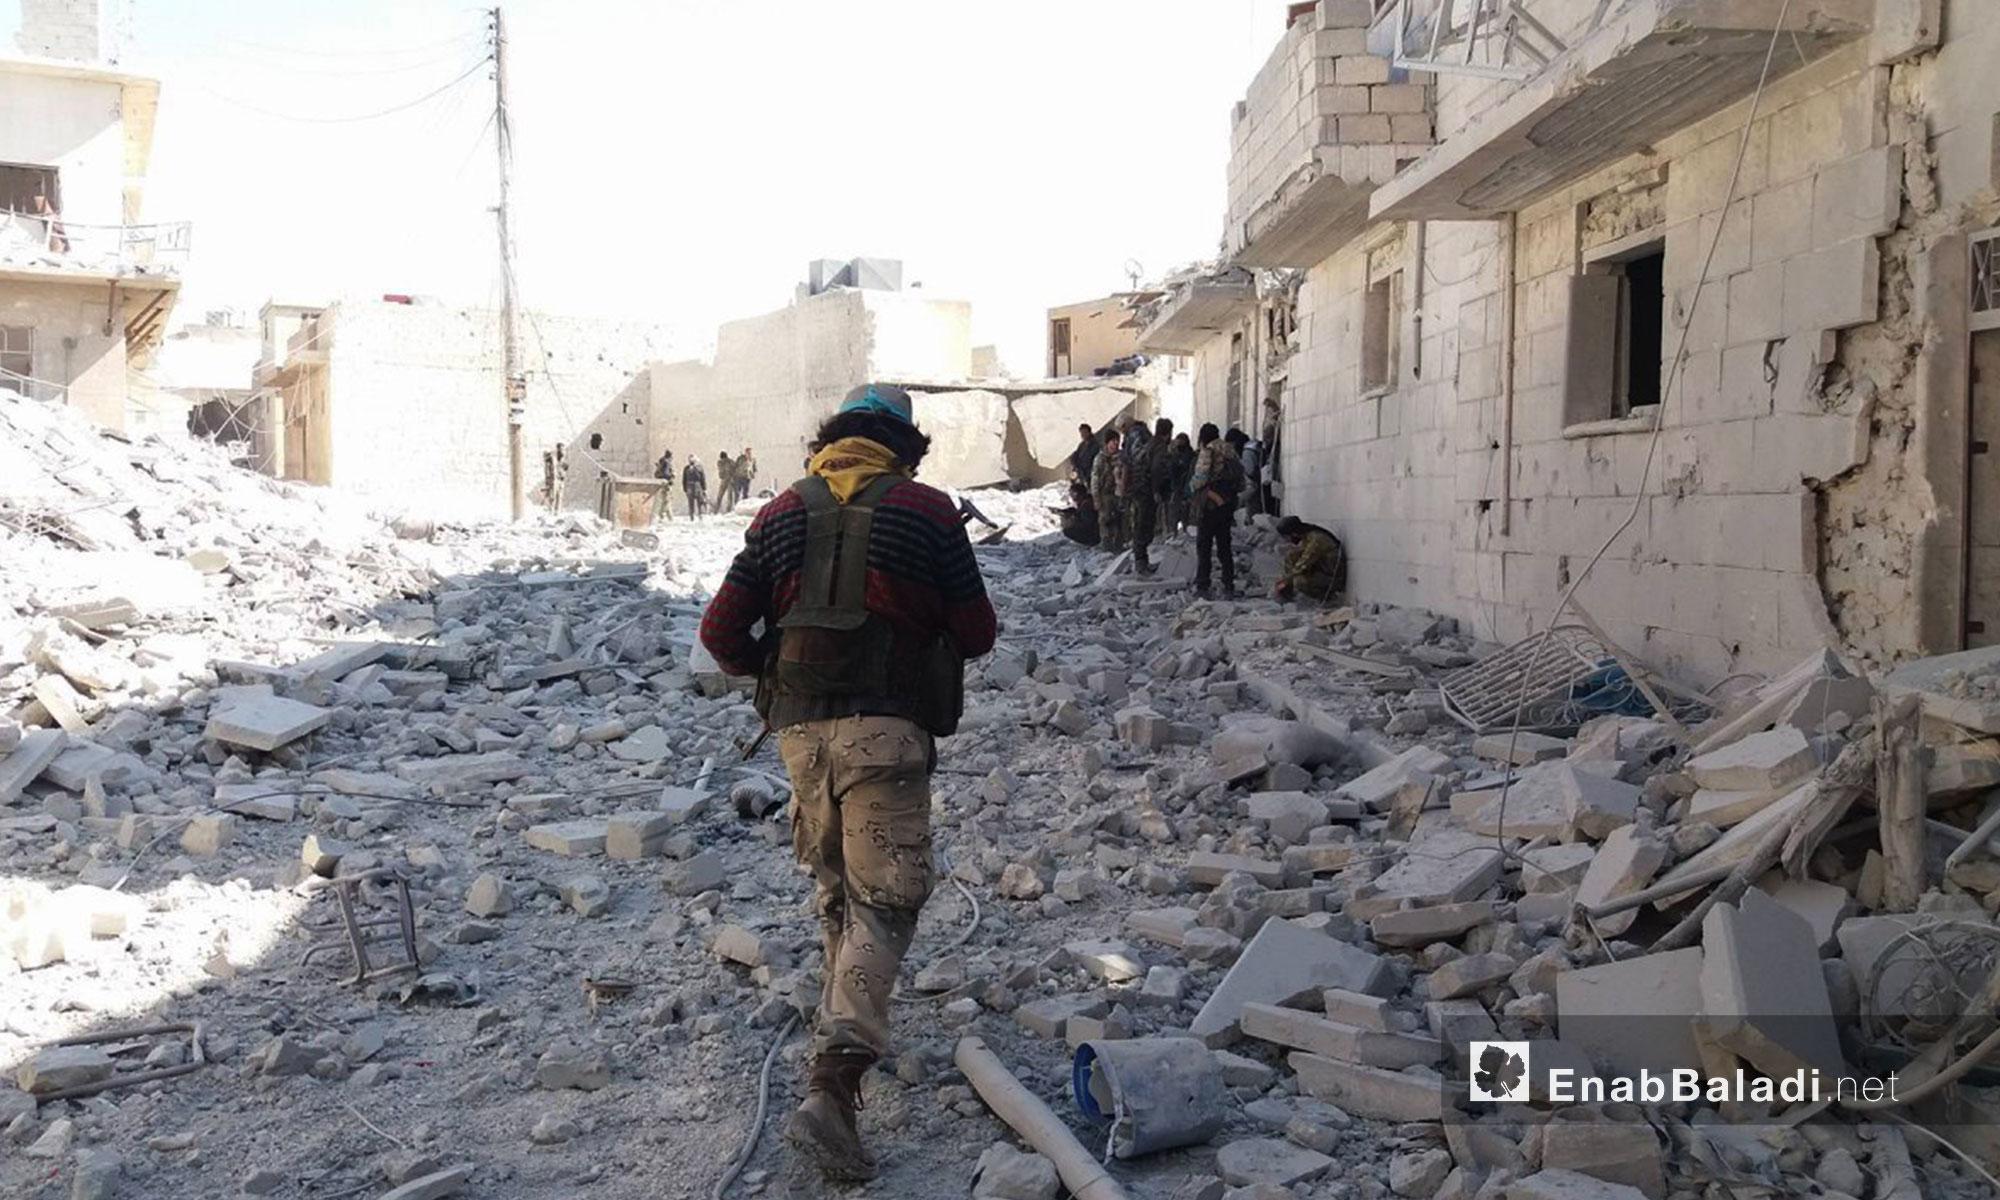 """مقاتلون في """"الجيش الحر"""" داخل مدينة الباب - 23 شباط 2017 (عنب بلدي)"""